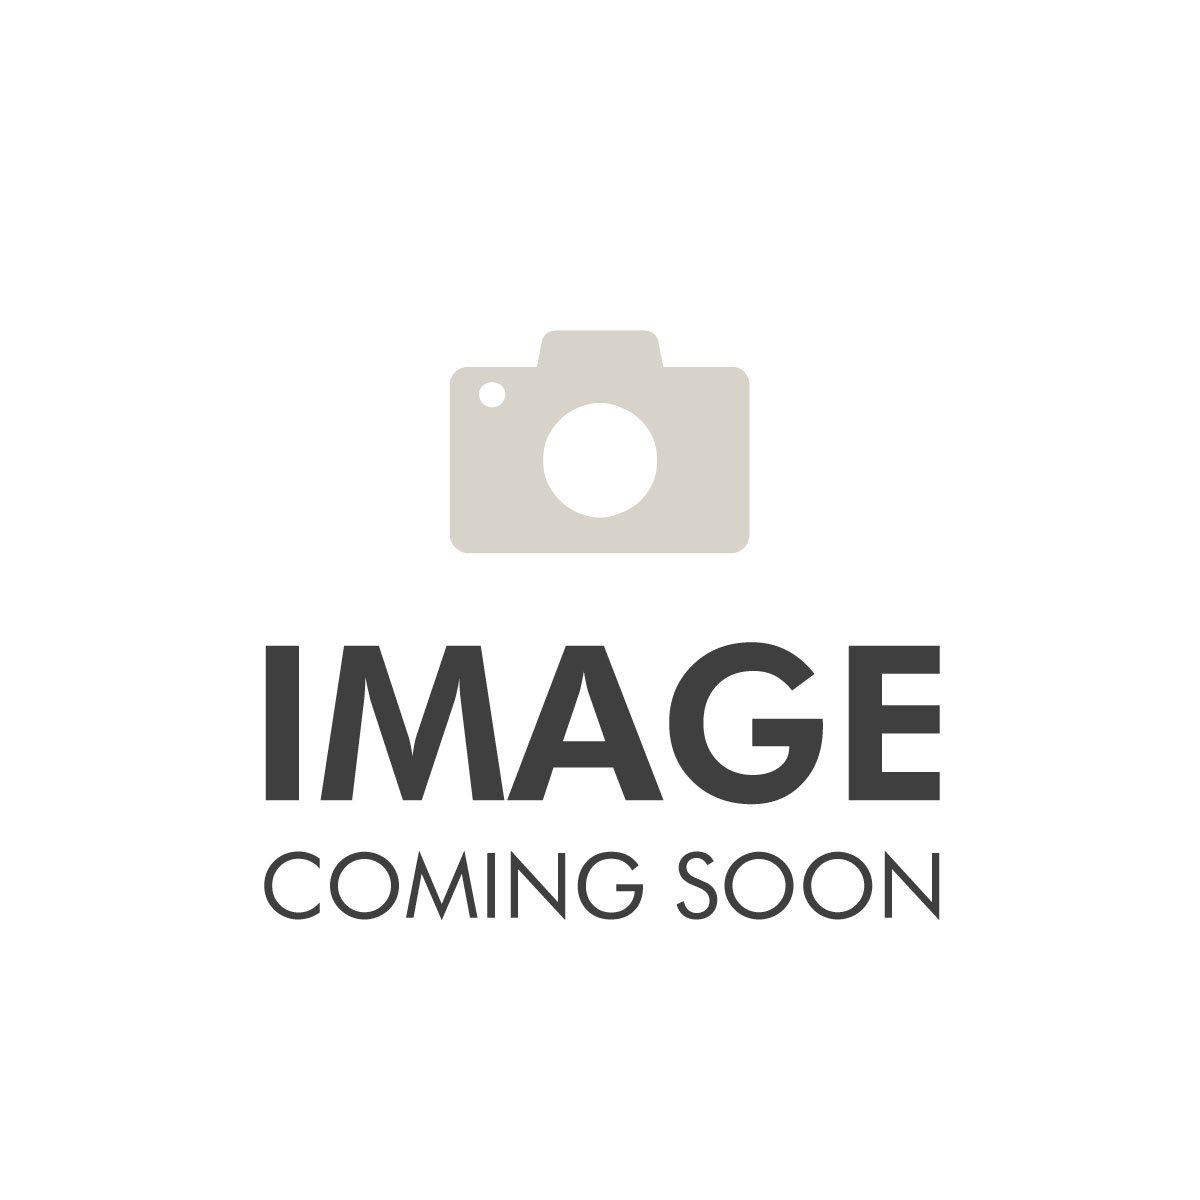 Bvlgari Aqua Pour Homme 100ml EDT Spray